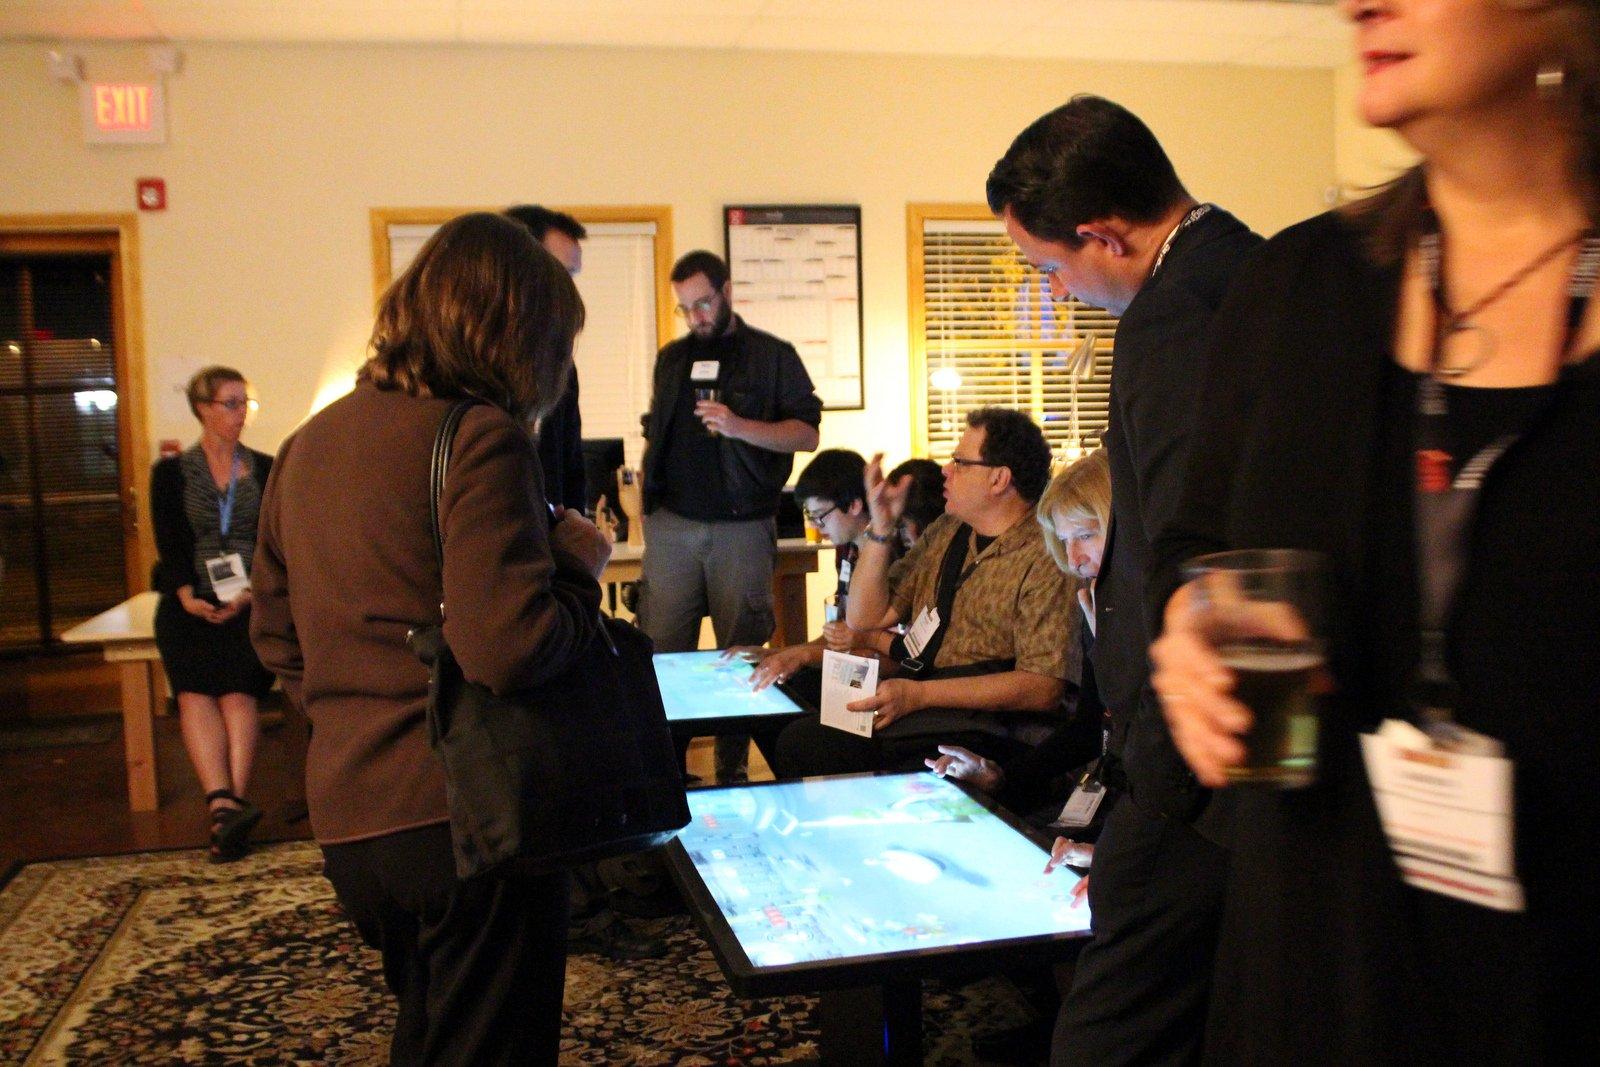 Spieltisch: Die neuen Computertische in den USA lassen sich auch zur Partyunterhaltung nutzen.